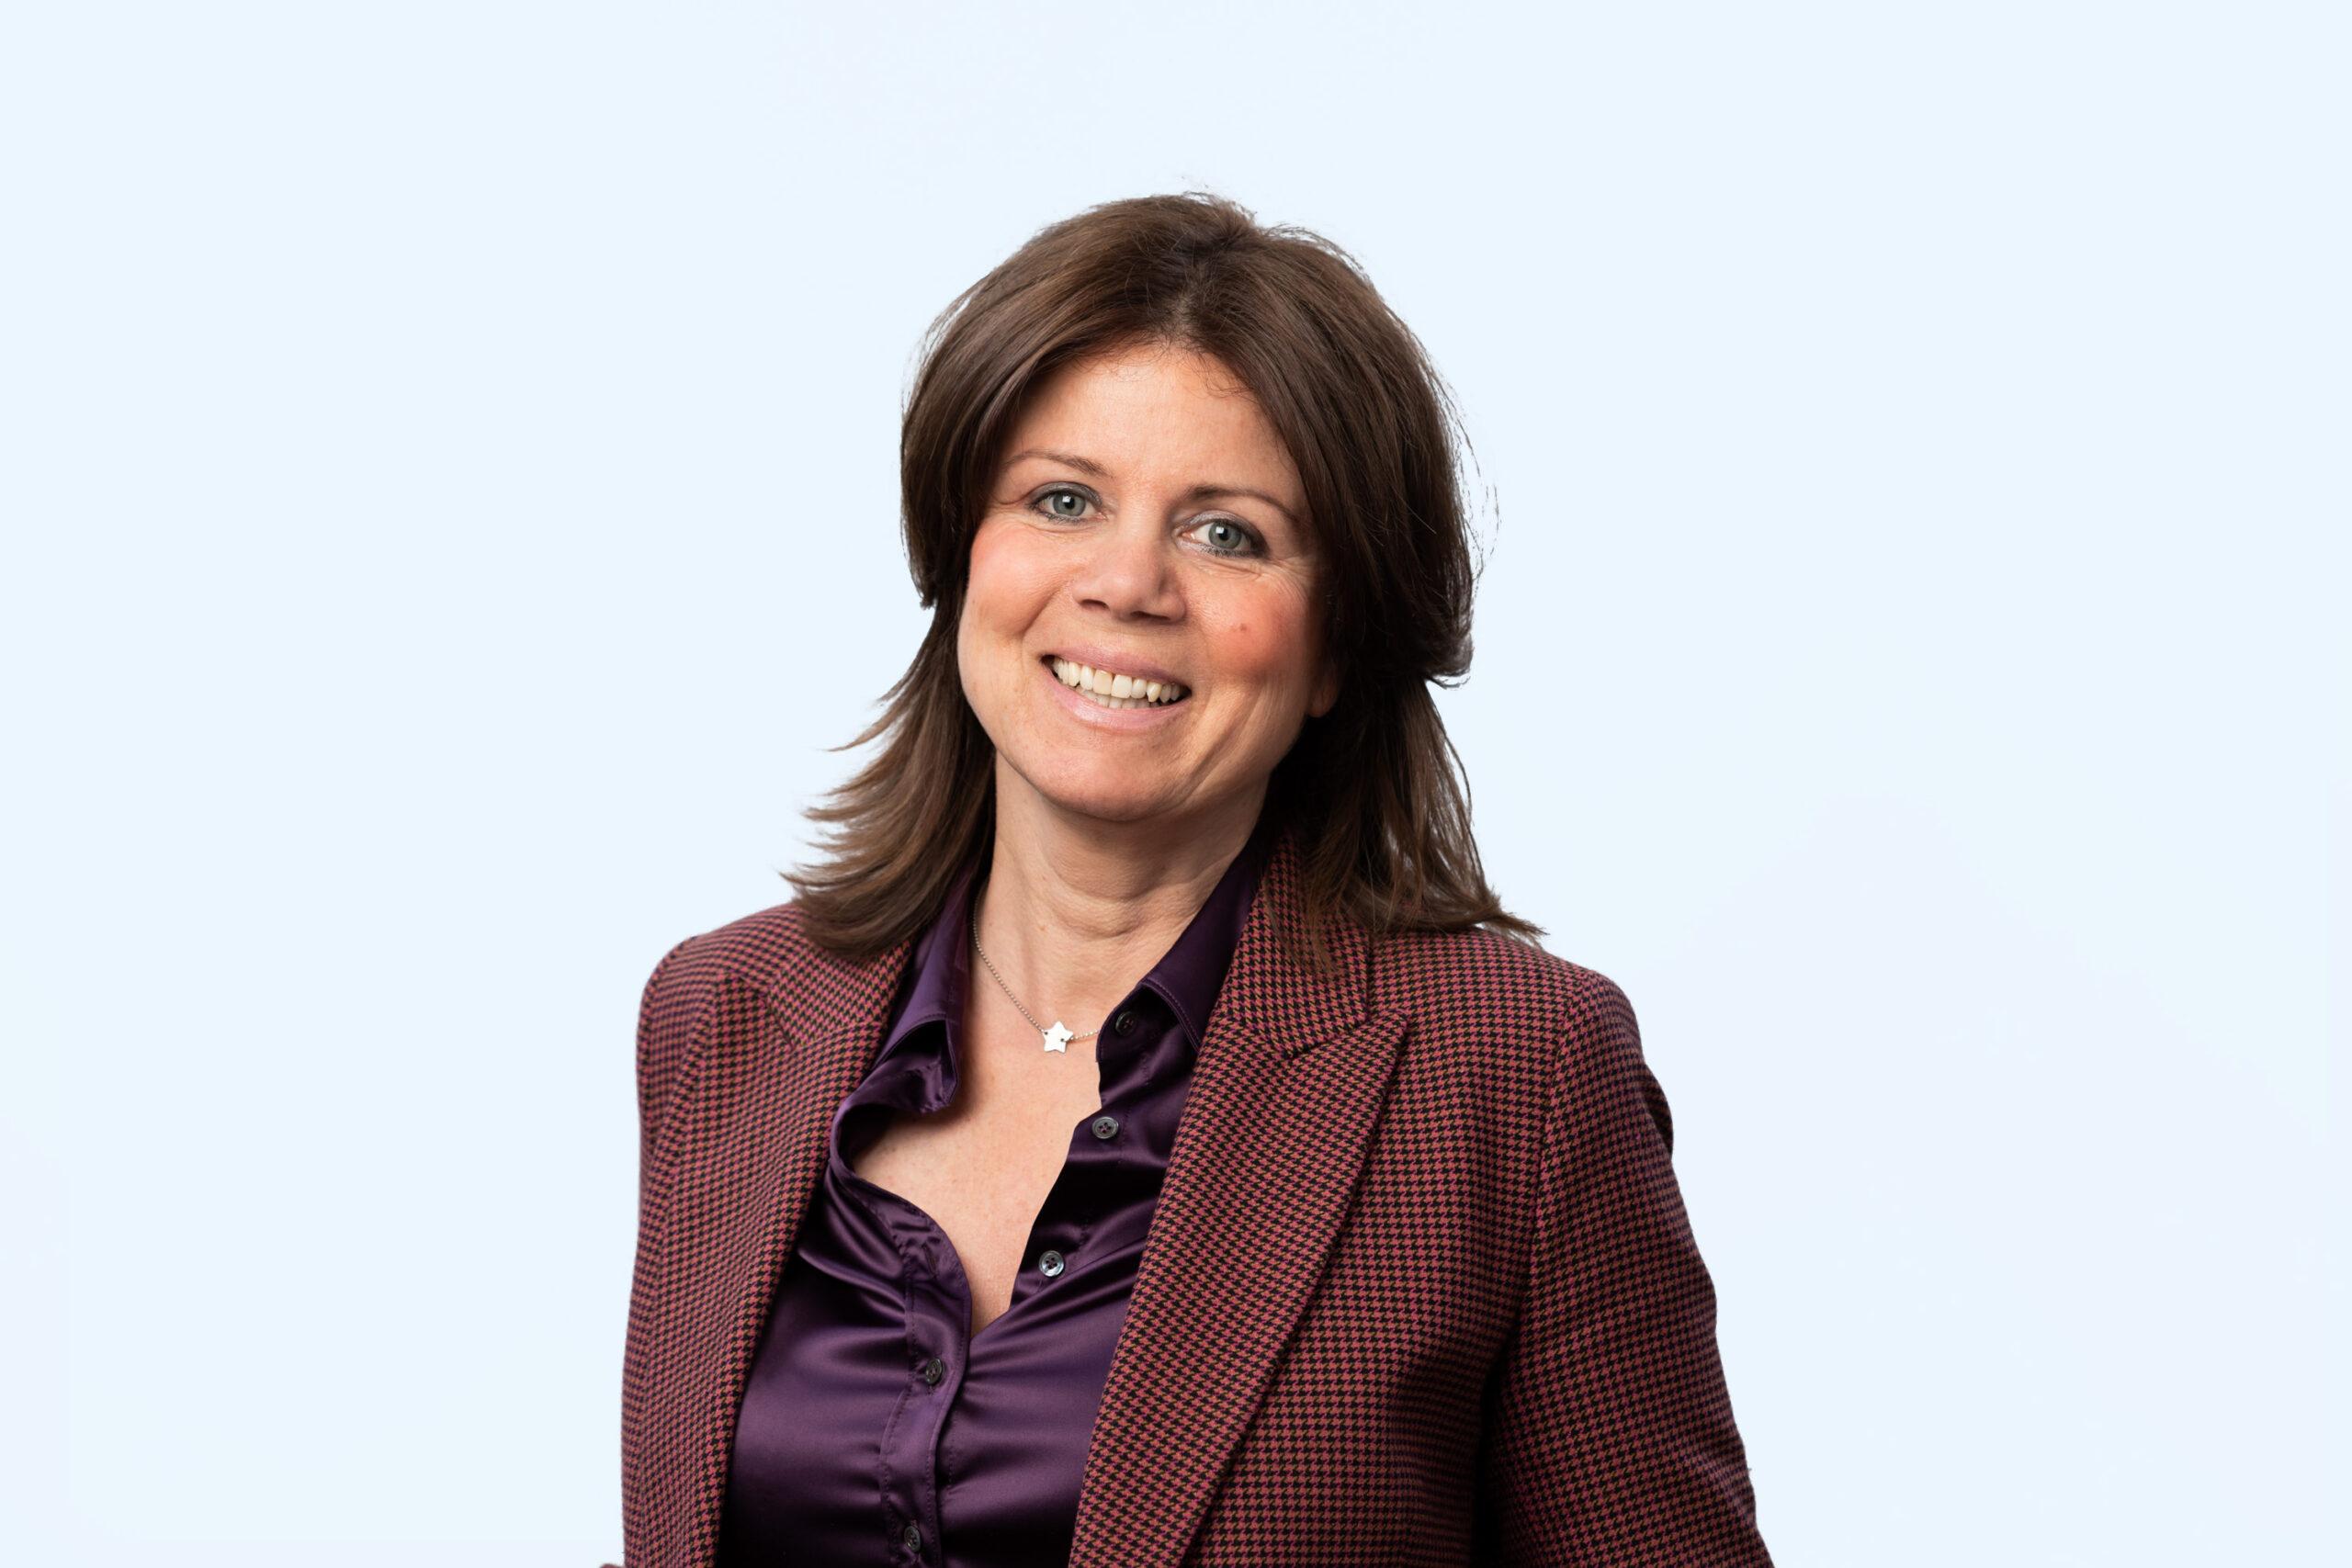 Katja van der Linde